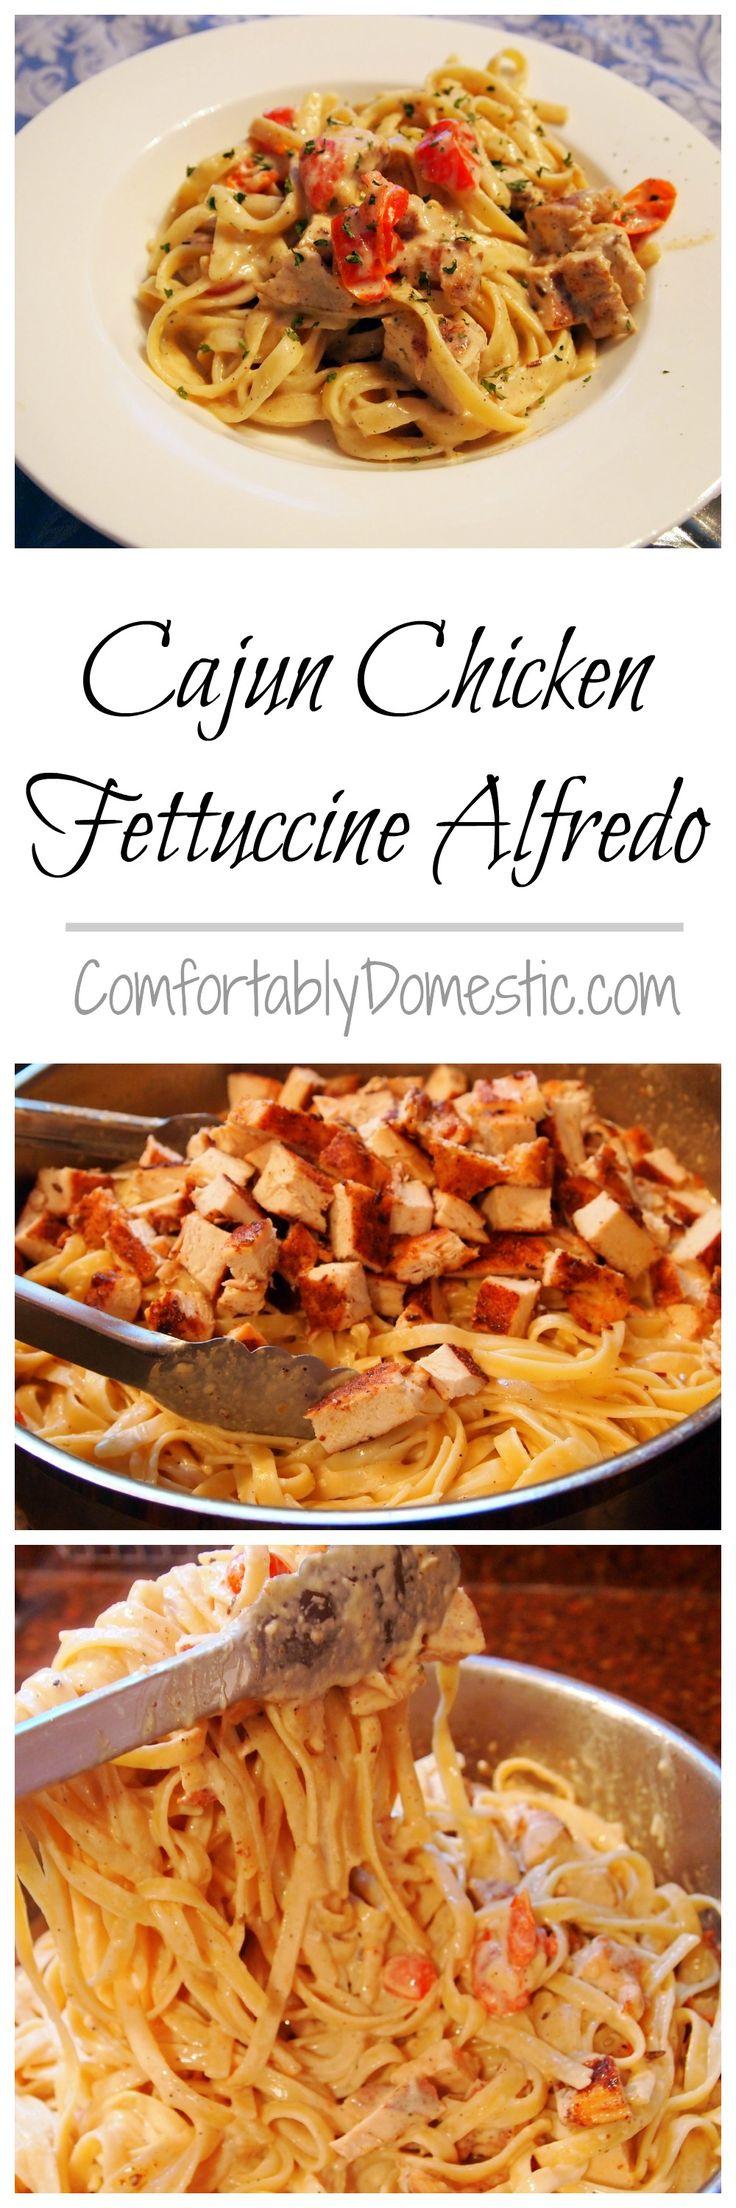 {Date Night} Cajun Chicken Fettuccine Alfredo - Comfortably Domestic